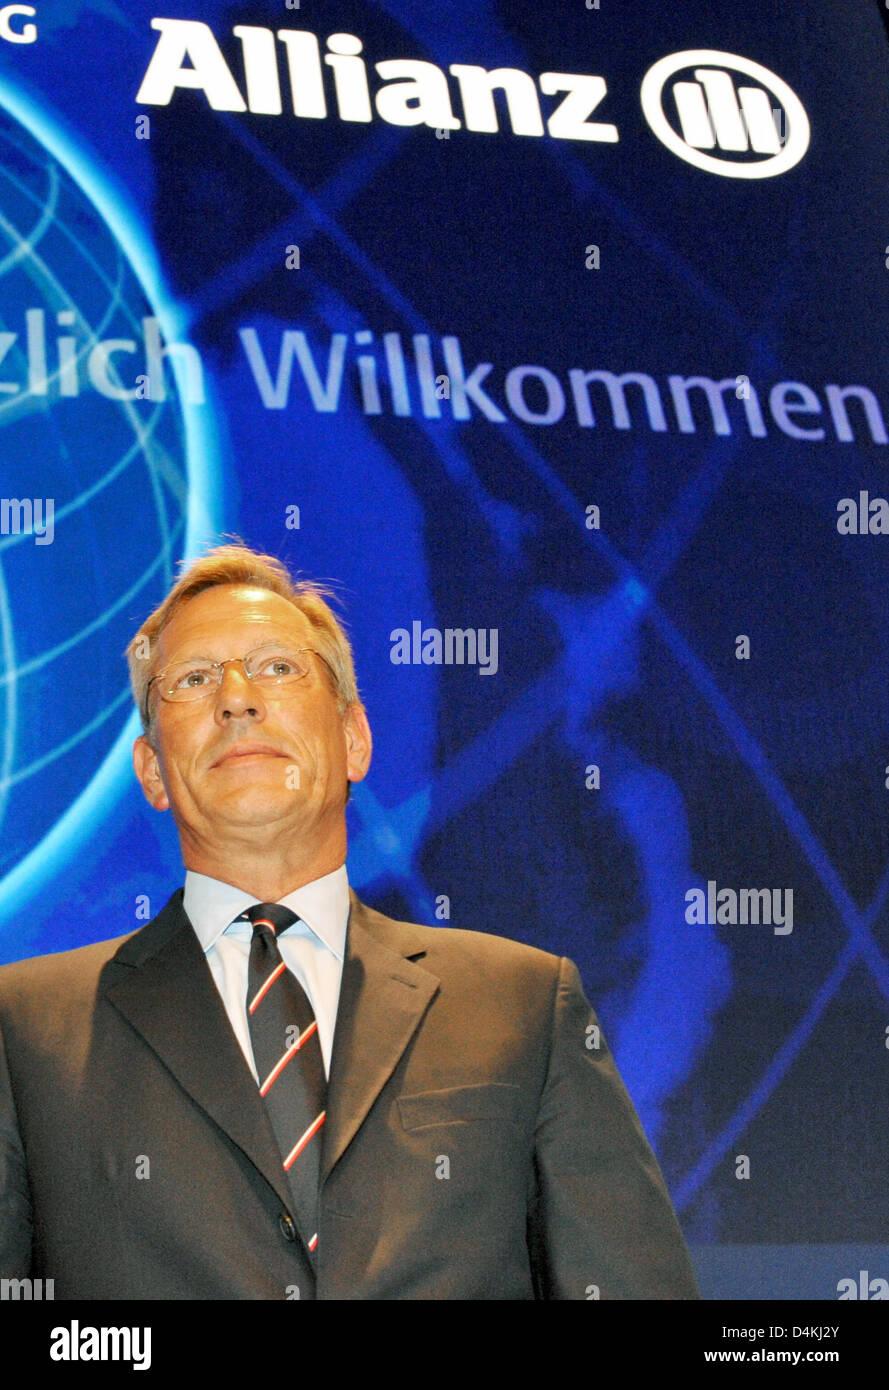 CEO de Allianz, Michael Diekmann, ilustra a la compañía de seguros?s asamblea general celebrada en Munich, Alemania, el 29 de abril de 2009. Europa?s más grande compañía de seguros Allianz todavía no ofrece ninguna perspectiva para el año en curso, debido a la crisis económica y financiera mundial. Foto: Frank LEONHARDT Foto de stock